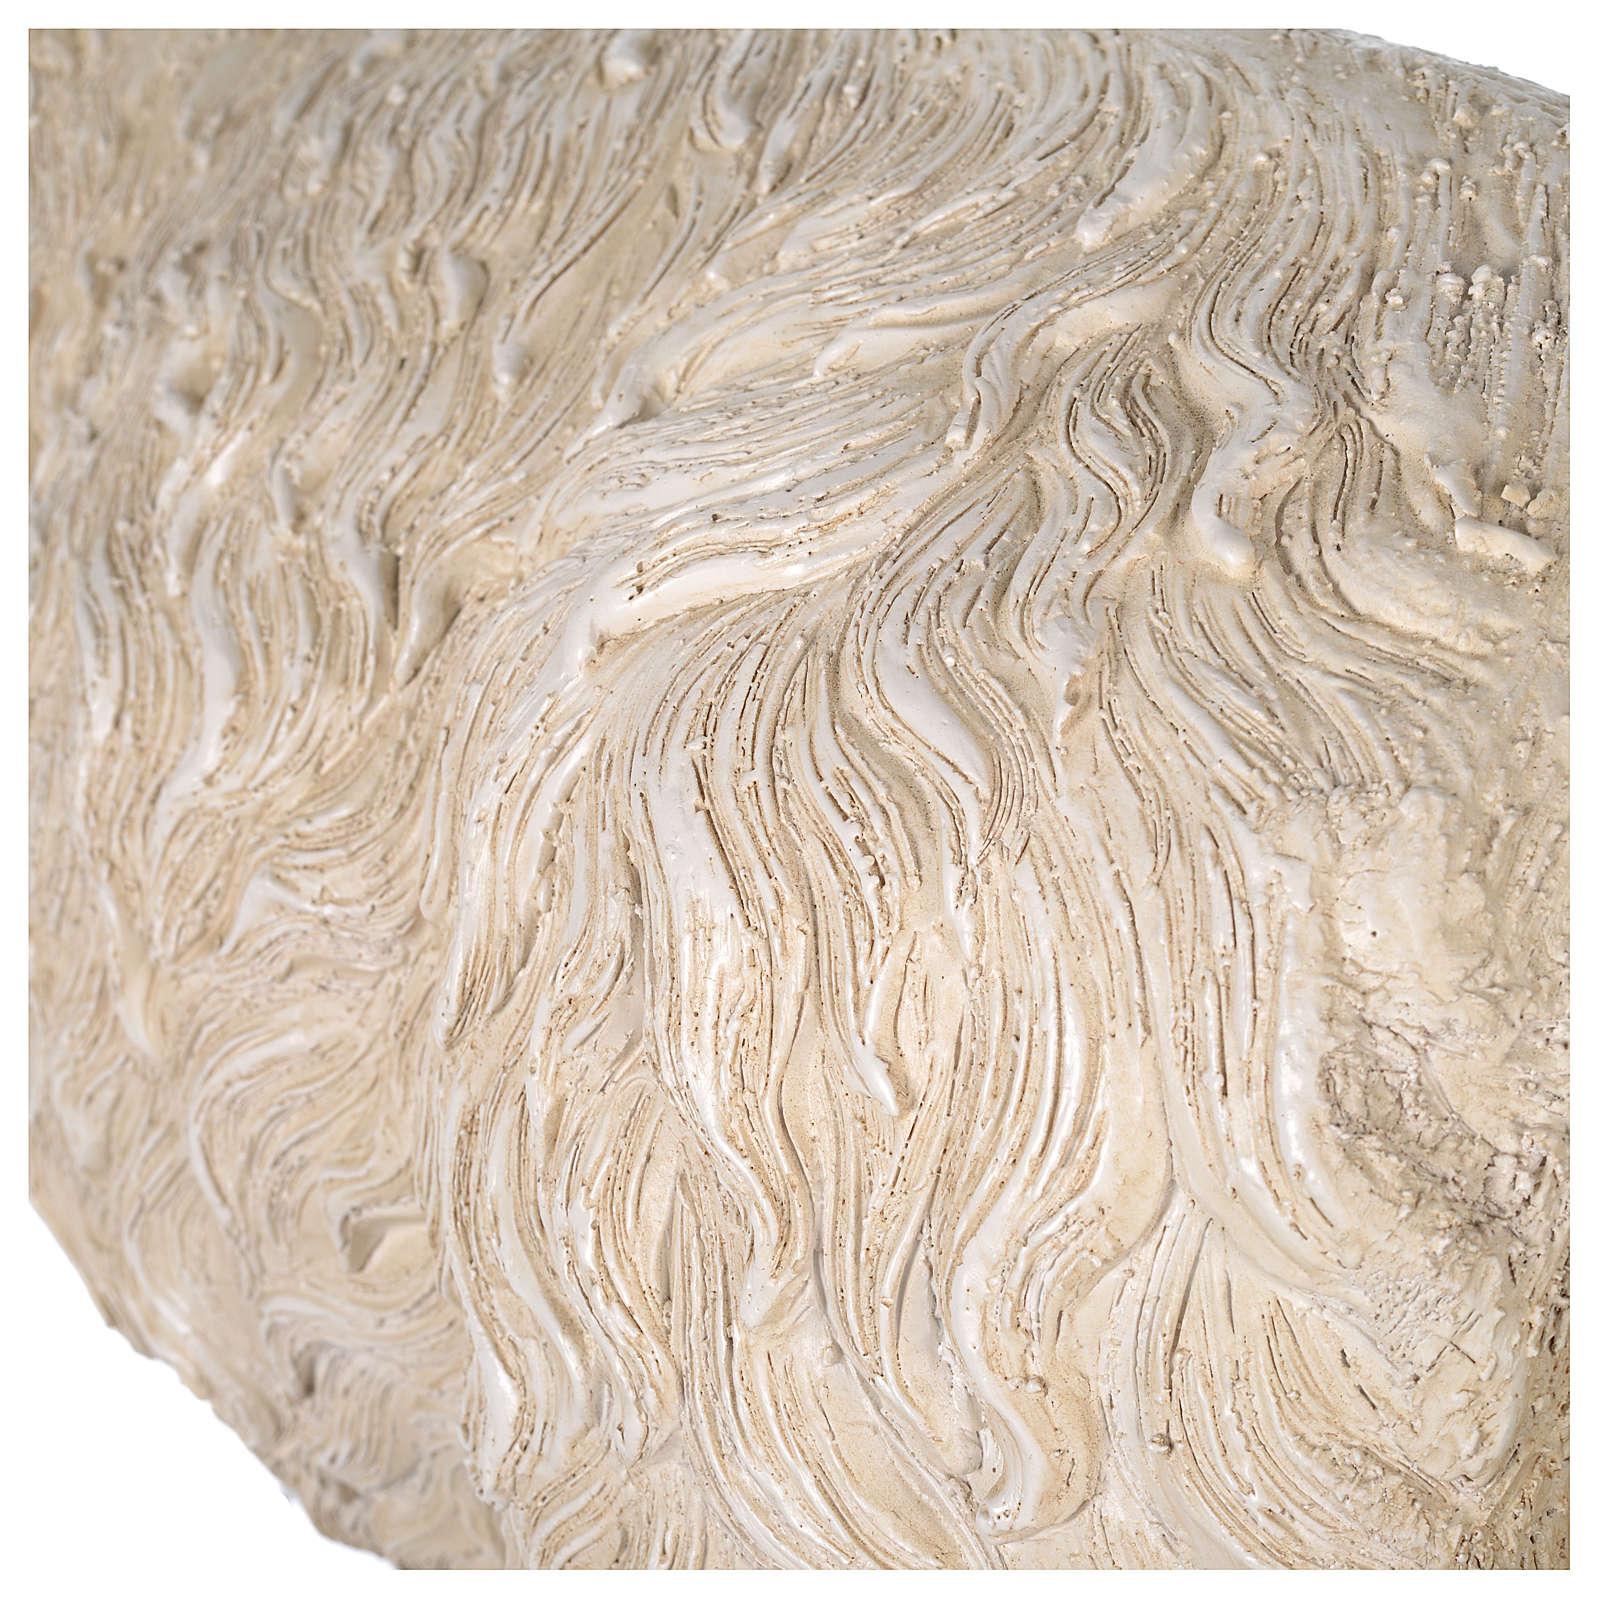 Oveja resina belén 140-160 cm 3